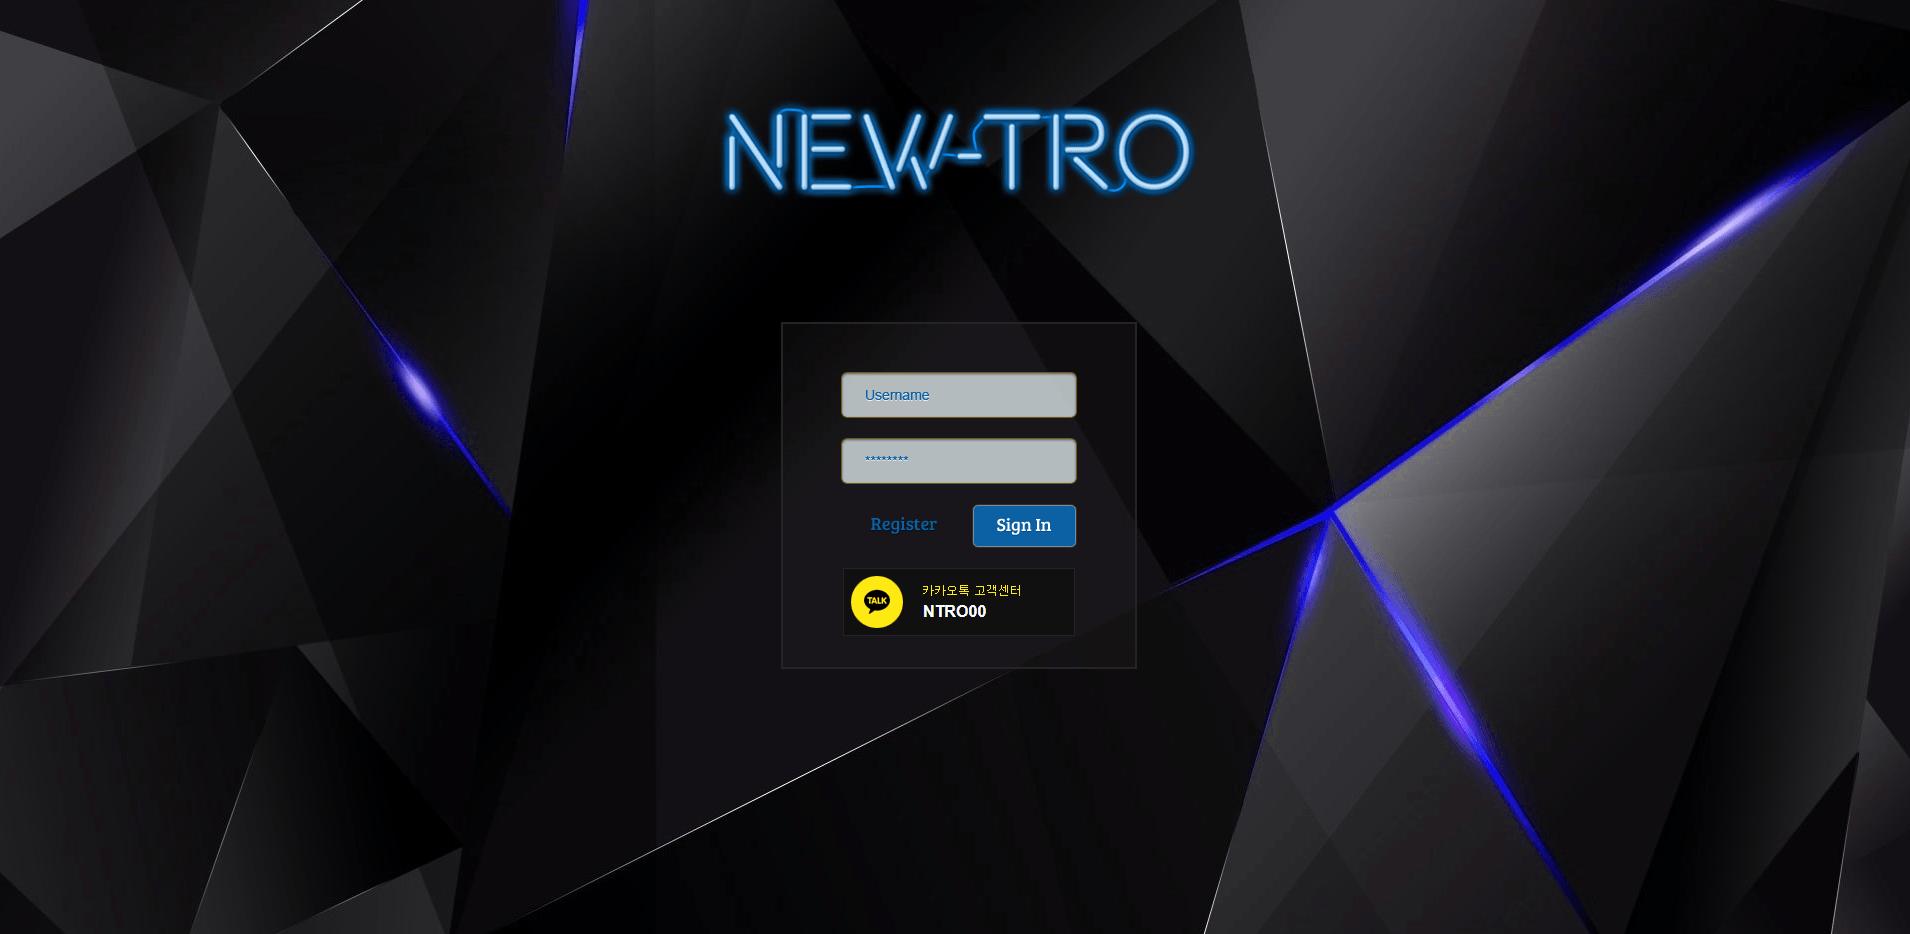 [먹튀검증]뉴트로(Newtro) 먹튀사이트확정 ntro-1.com 토토사이트 먹튀검증업체 토토안내소